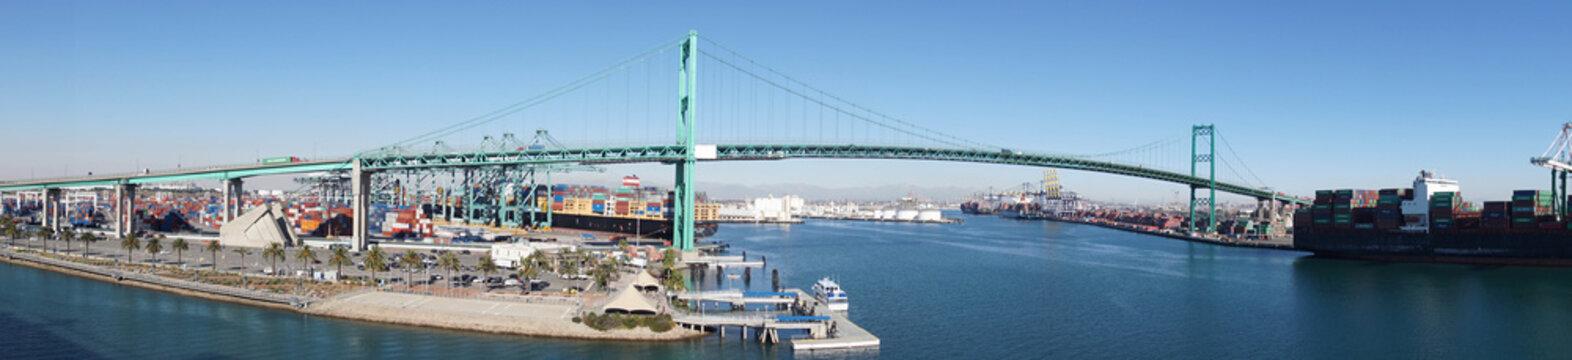 Panorama of freeway suspension bridge and Long Beach port